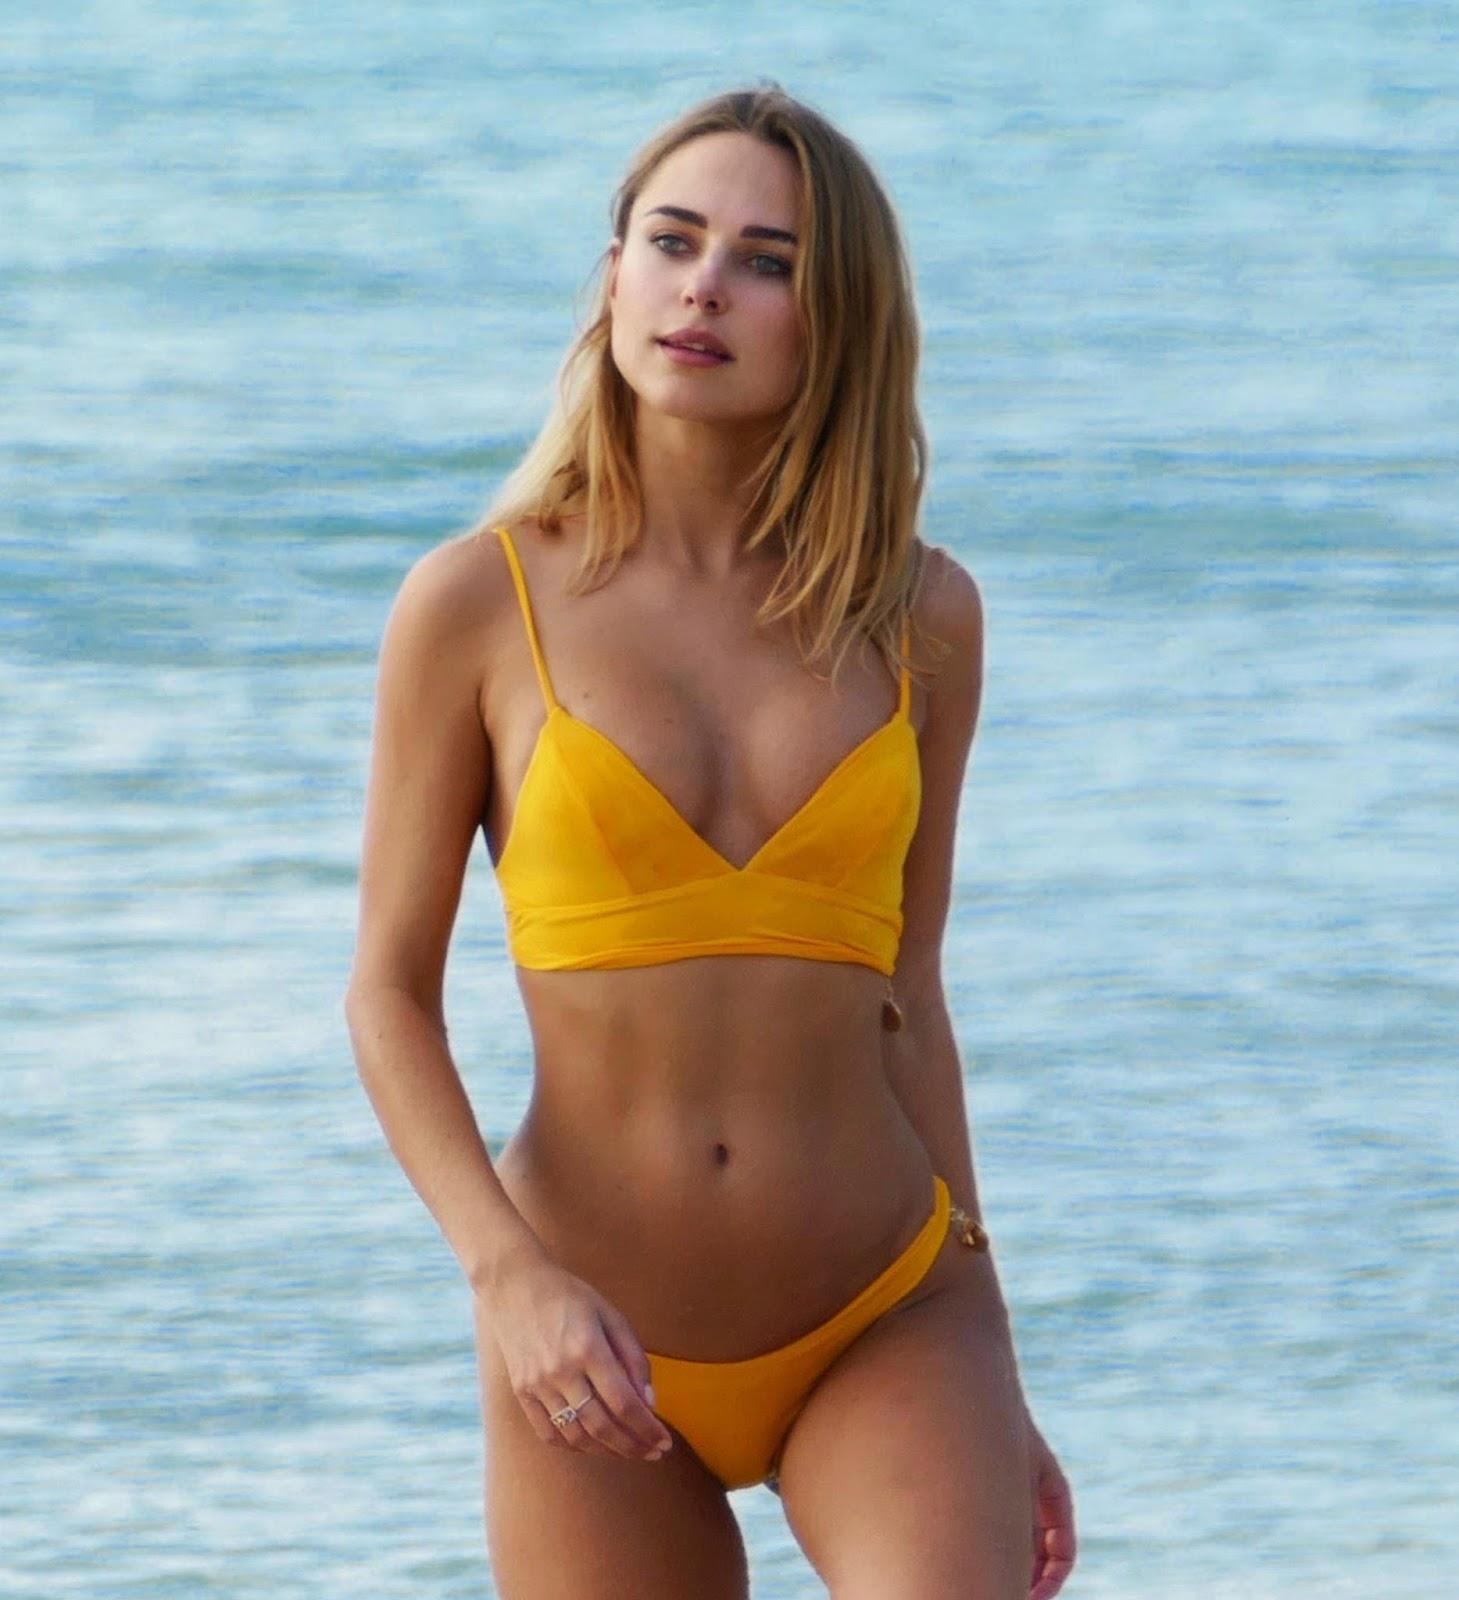 Kimberley Garner Hot in Bikini